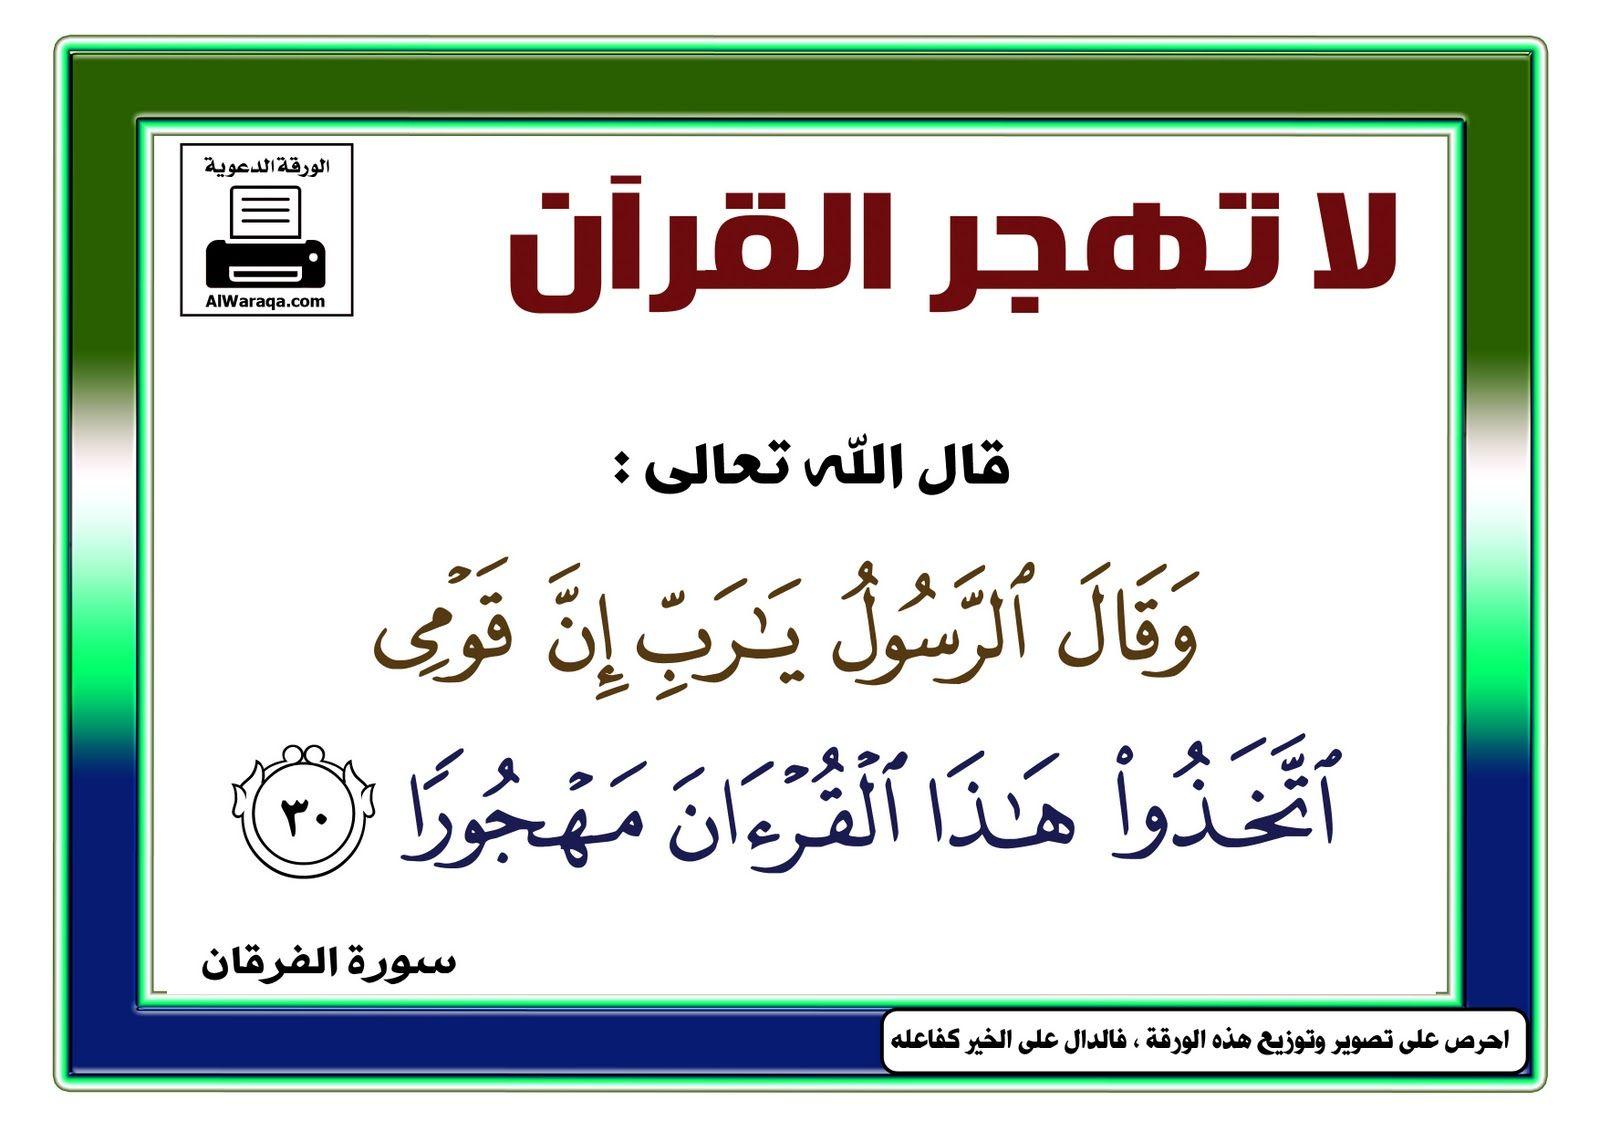 ورقات دعوية عن القران الكريم لاتحزن Islamic Information Blog Posts Blog